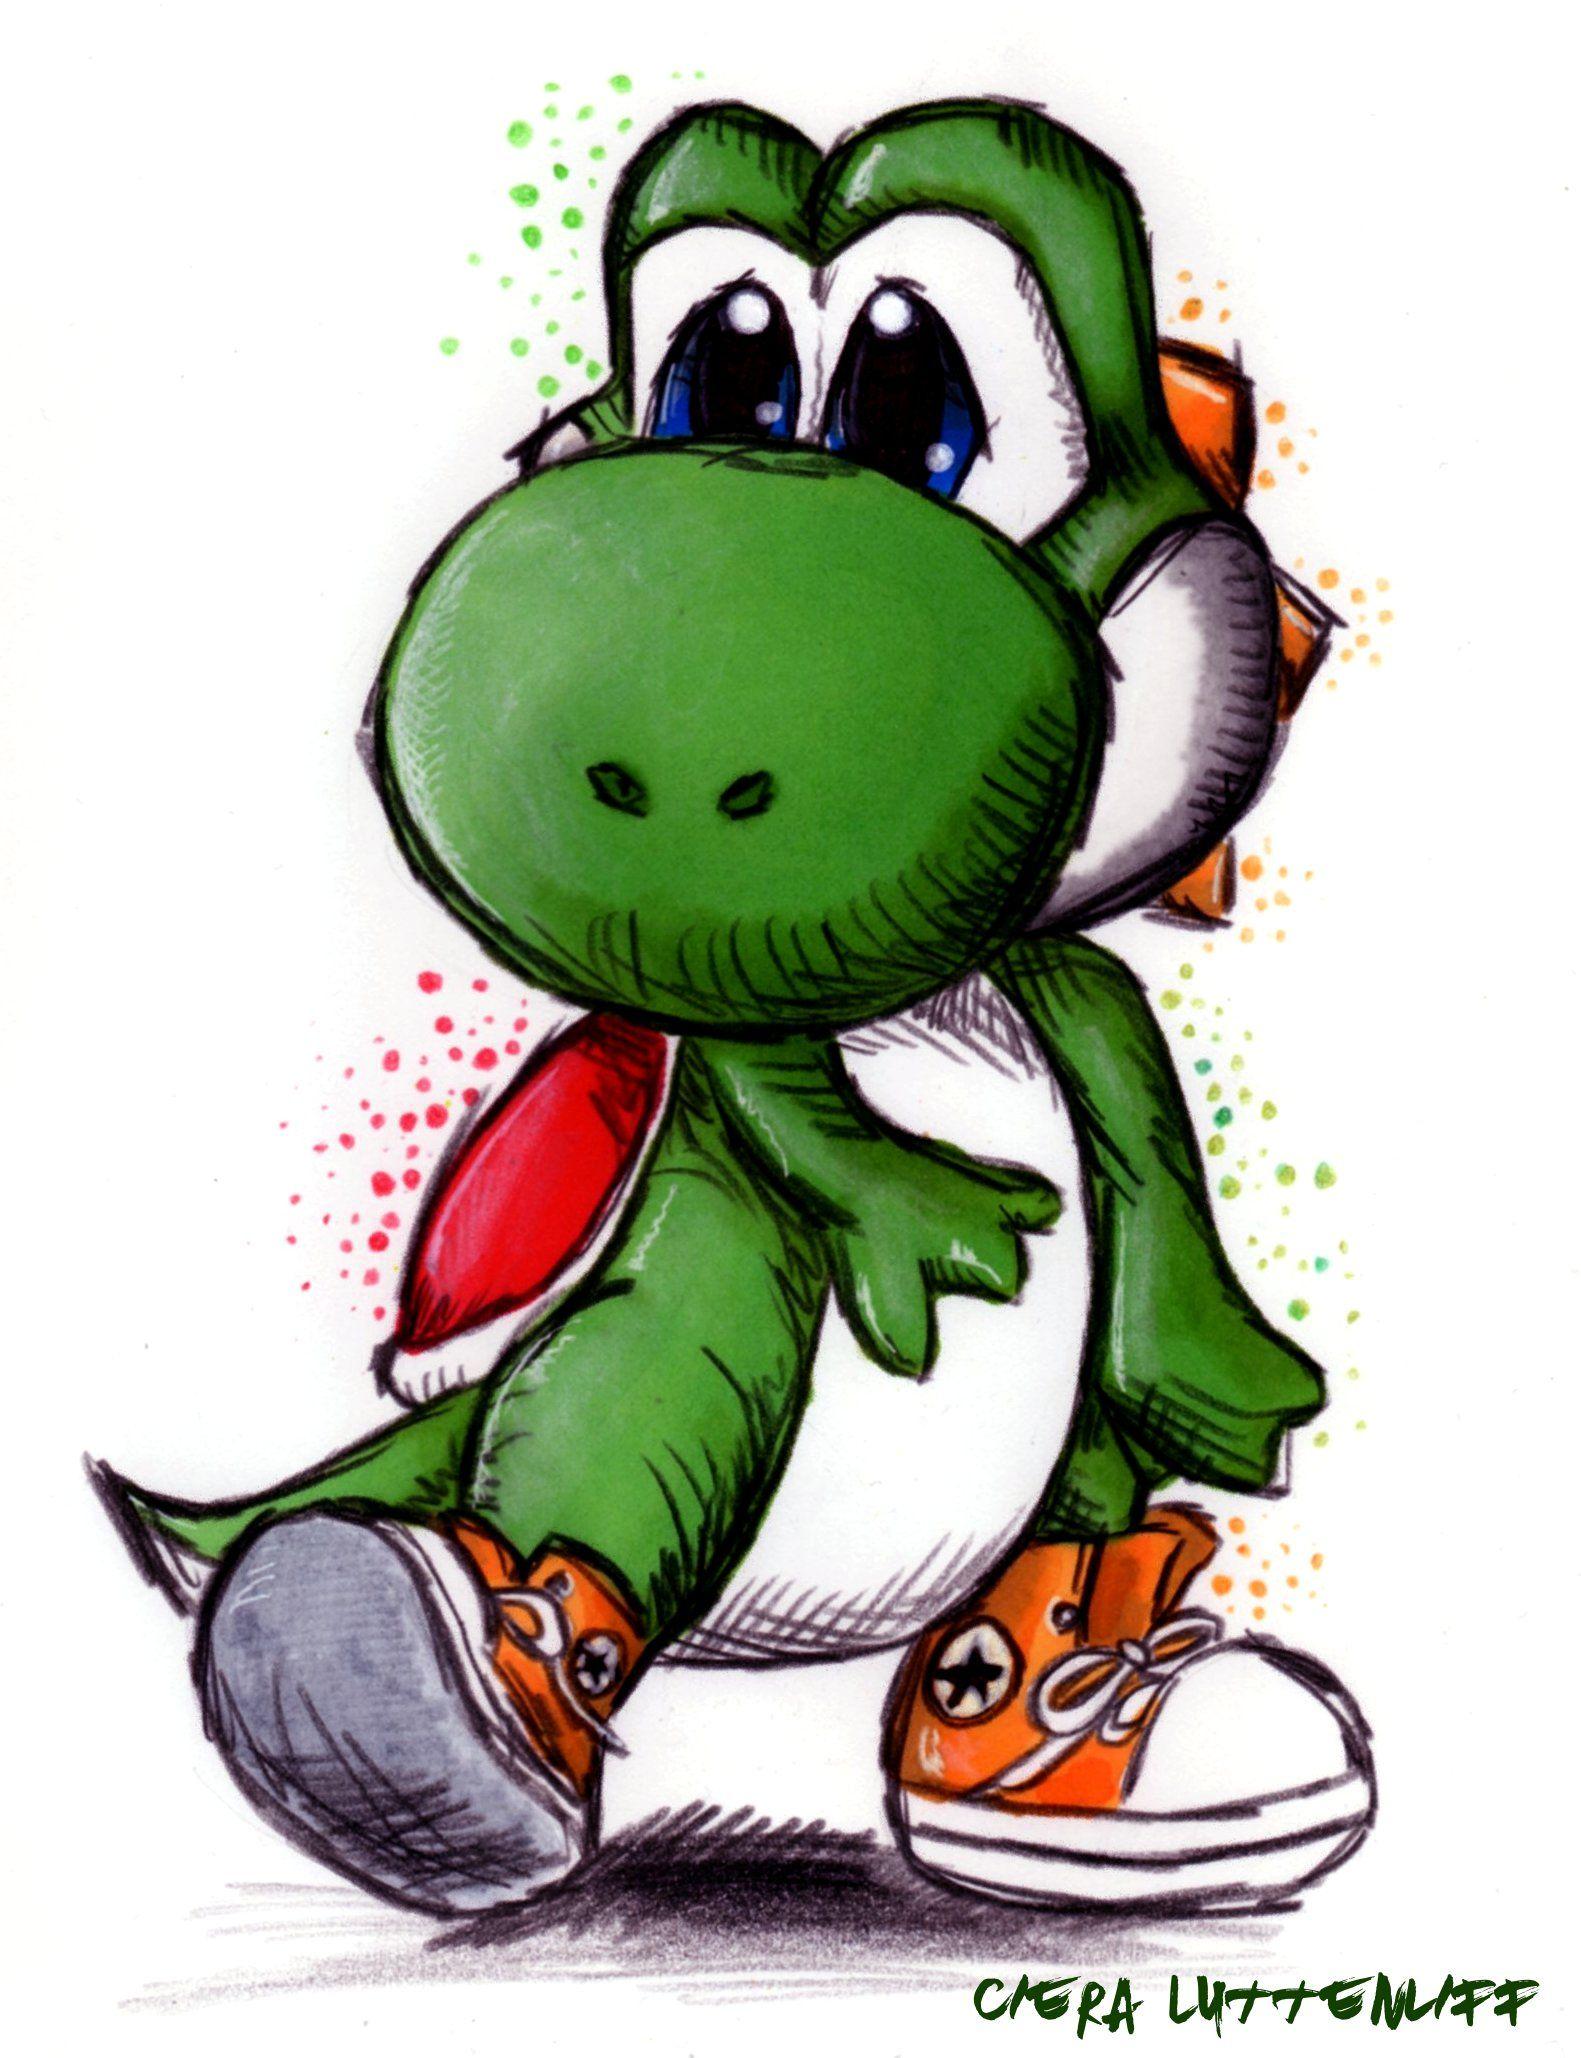 Lutenliff In 2020 Yoshi Drawing Graffiti Doodles Yoshi